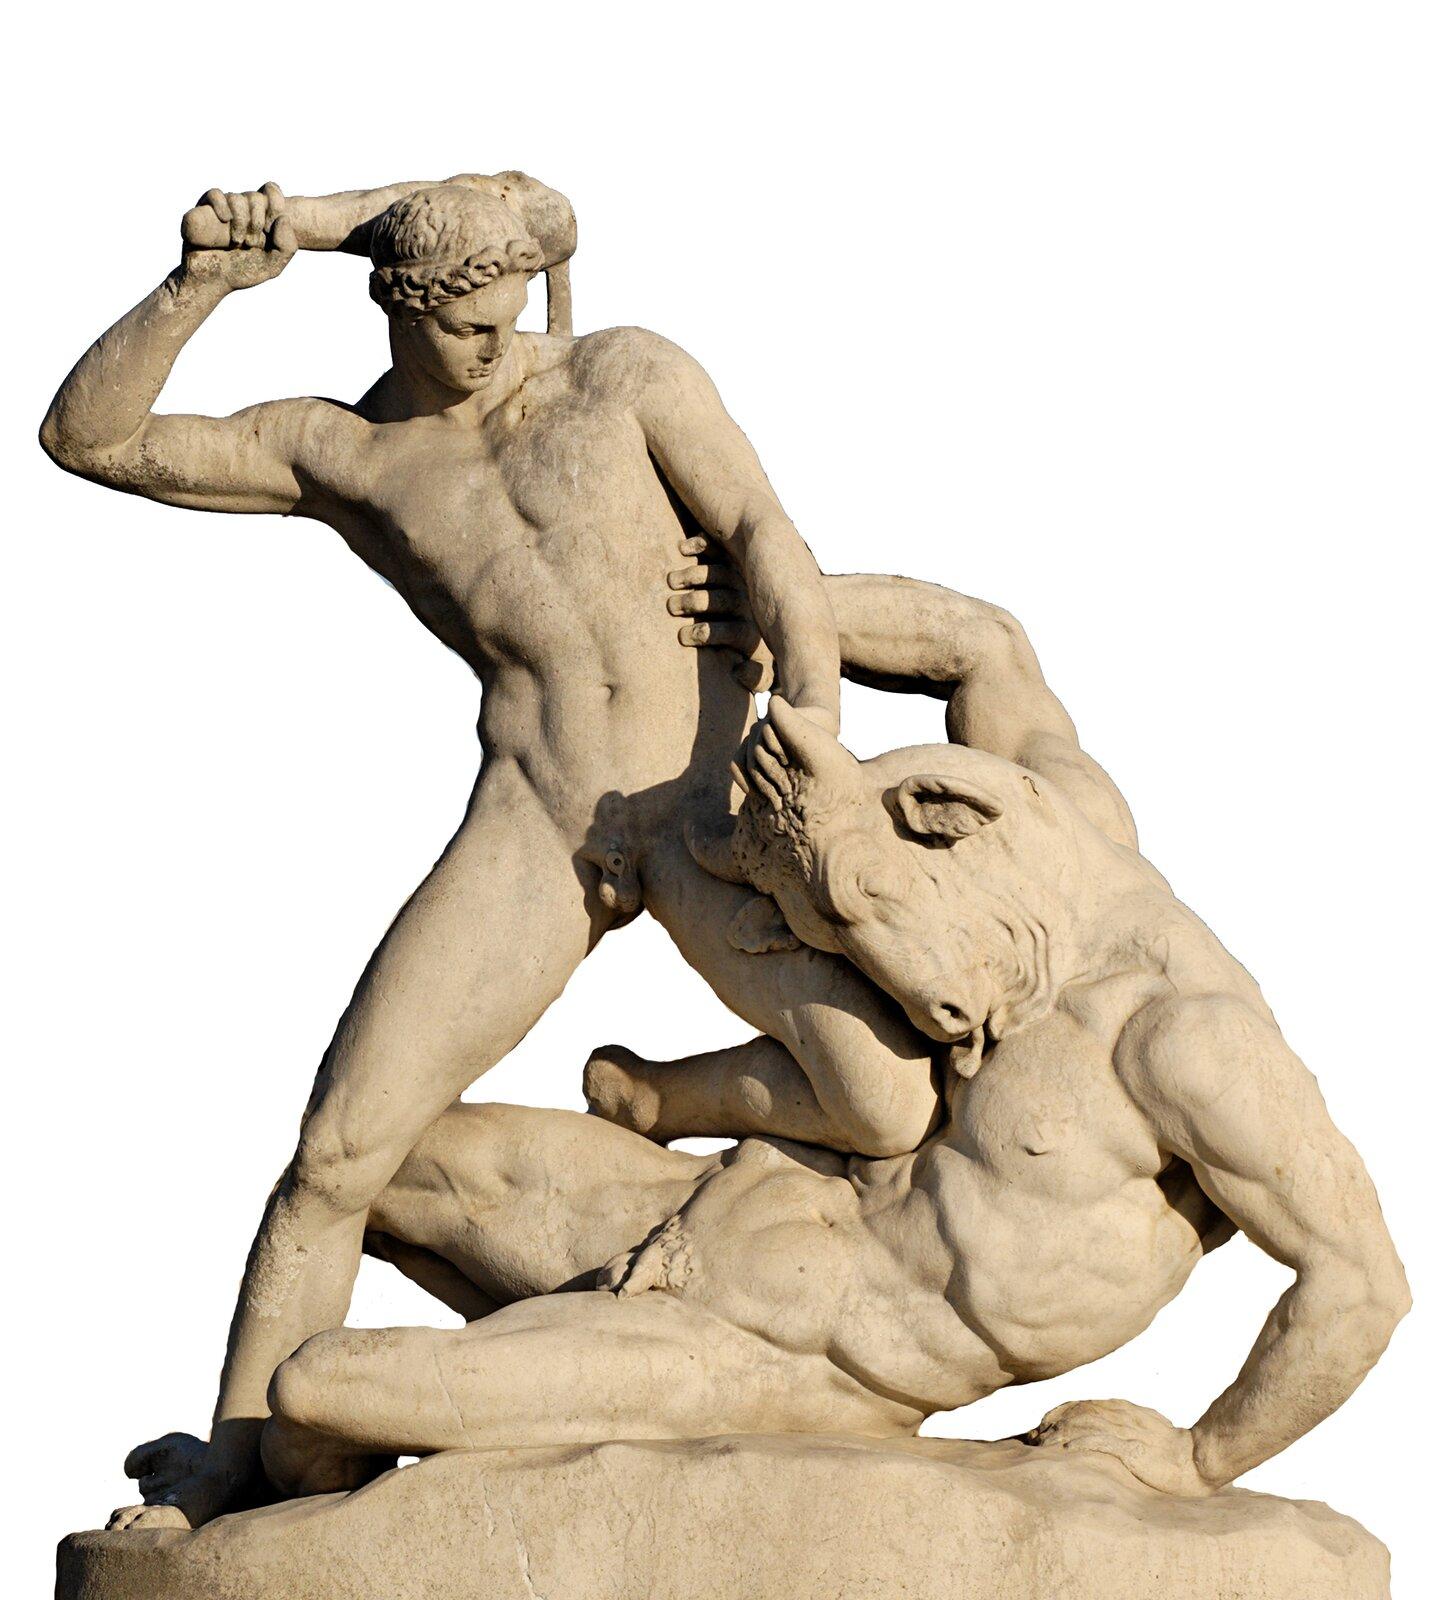 Tezeusz walczący zMinotaurem Źródło: Étienne-Jules Ramey, Tezeusz walczący zMinotaurem, 1826, marmur, ogród Tuileries, Paryż, domena publiczna.